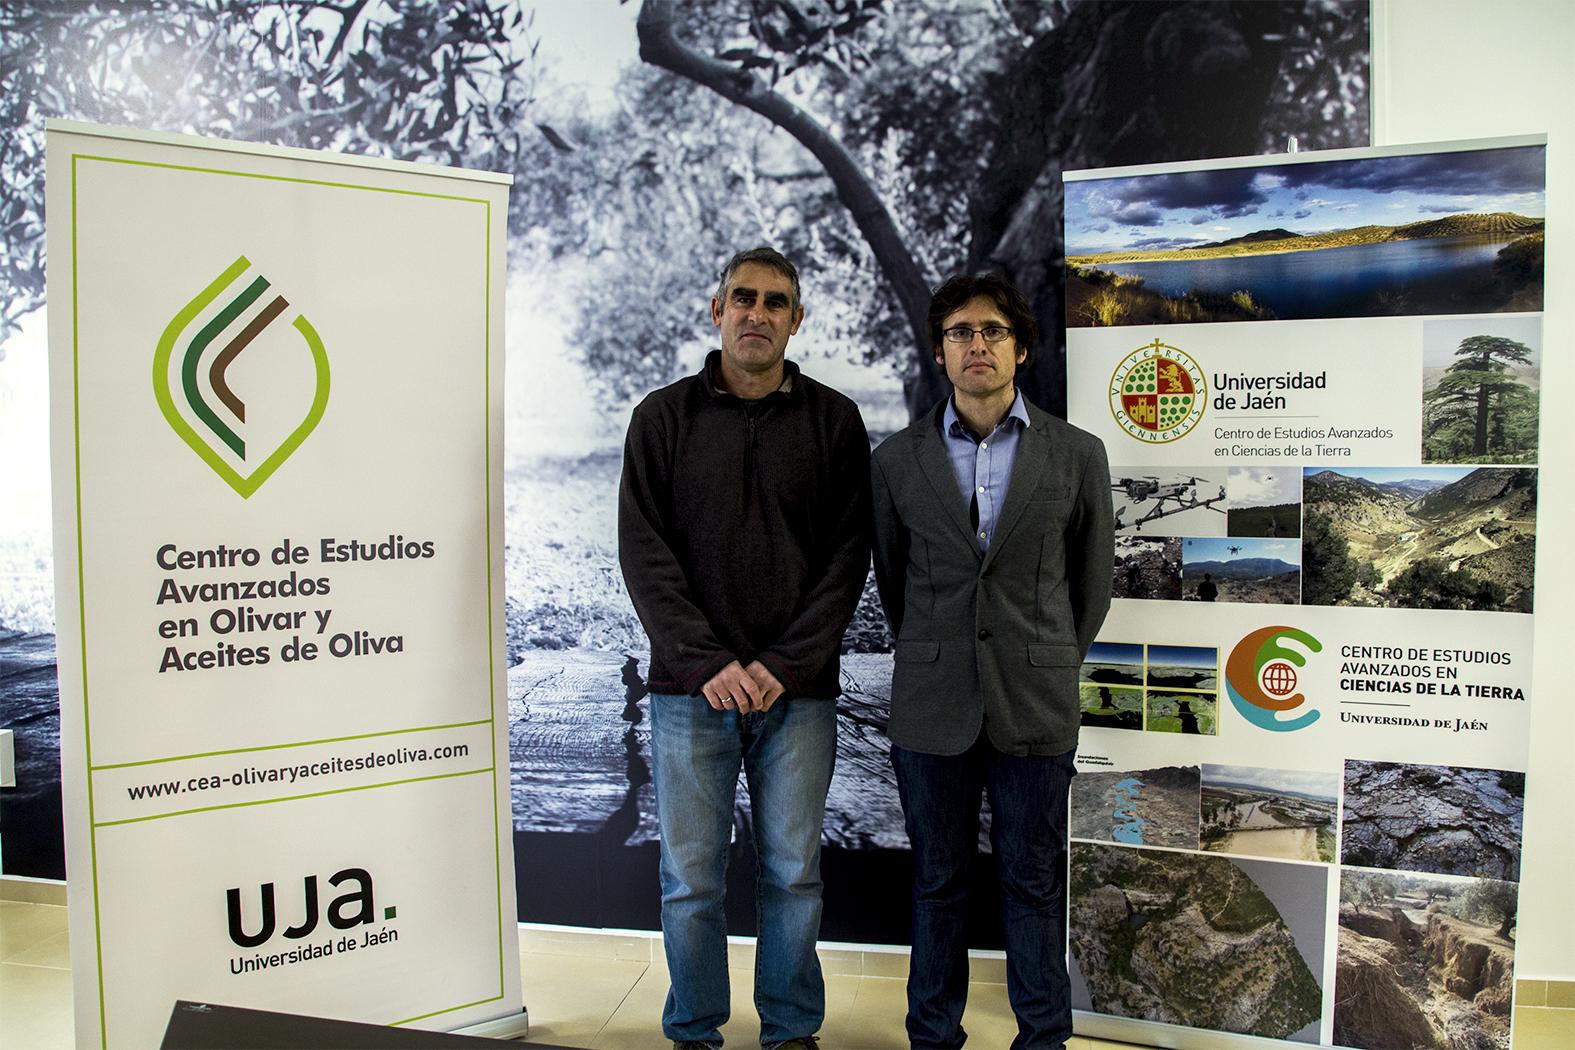 Roberto García, a la izquierda, junto al investigador Julio Calero, del Centro de Estudios Avanzados en Ciencias de la Tierra.